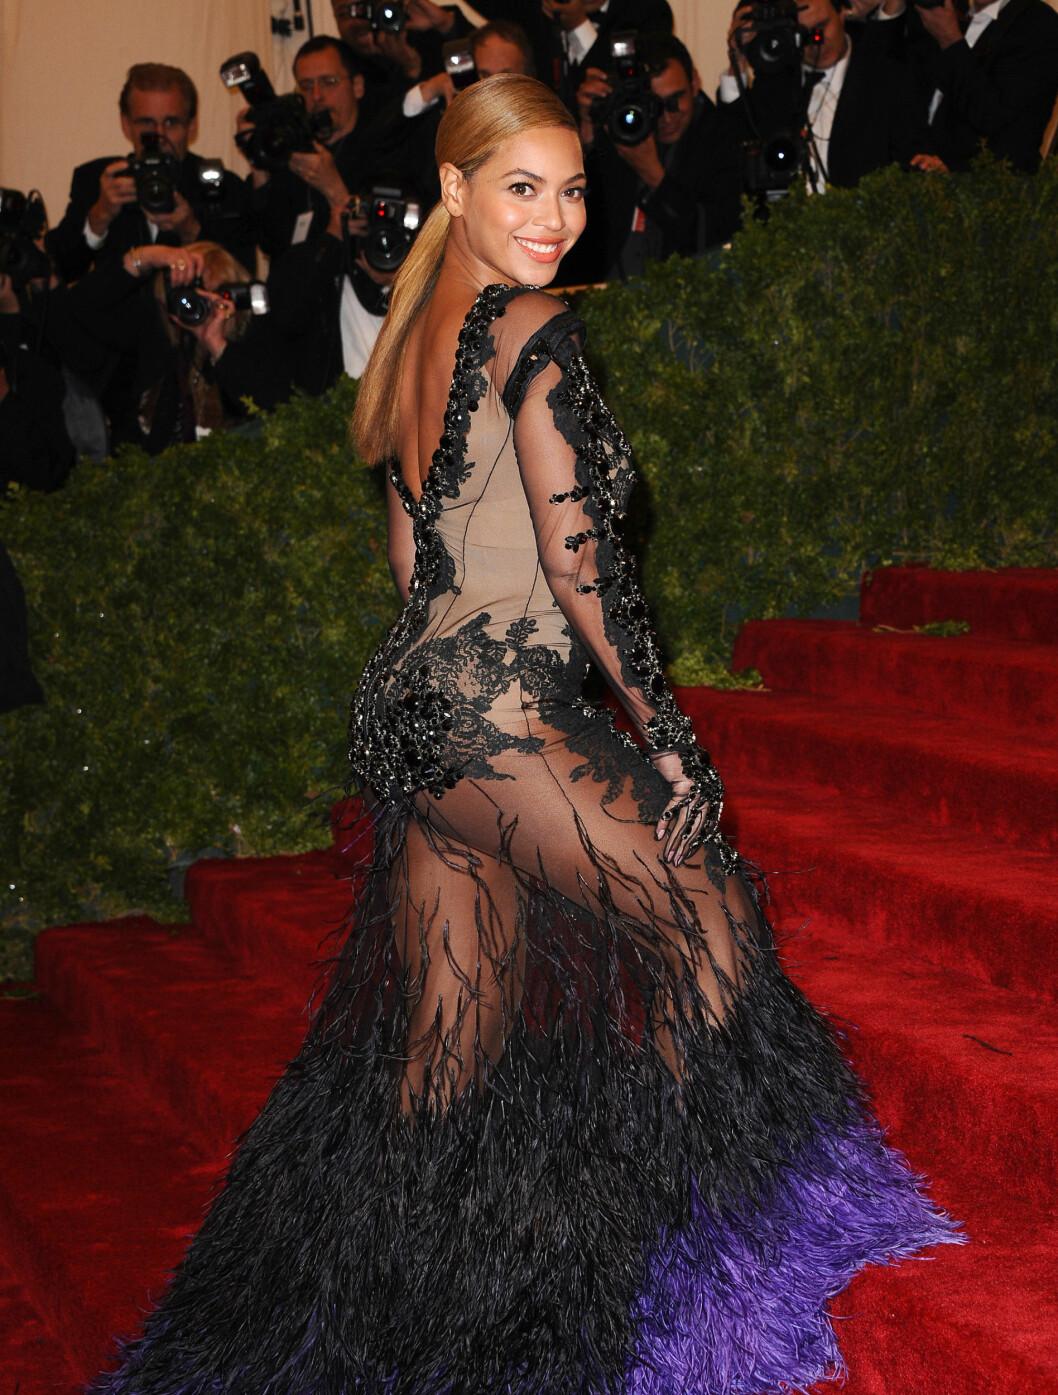 VAKTE OPPSIKT: Beyonce Knowles har i likhet med både Kim og Jennifer en gjennomsiktig kjole. Denne skapte hun oppsikt med under Met Gallaen.  Foto: DLM Press